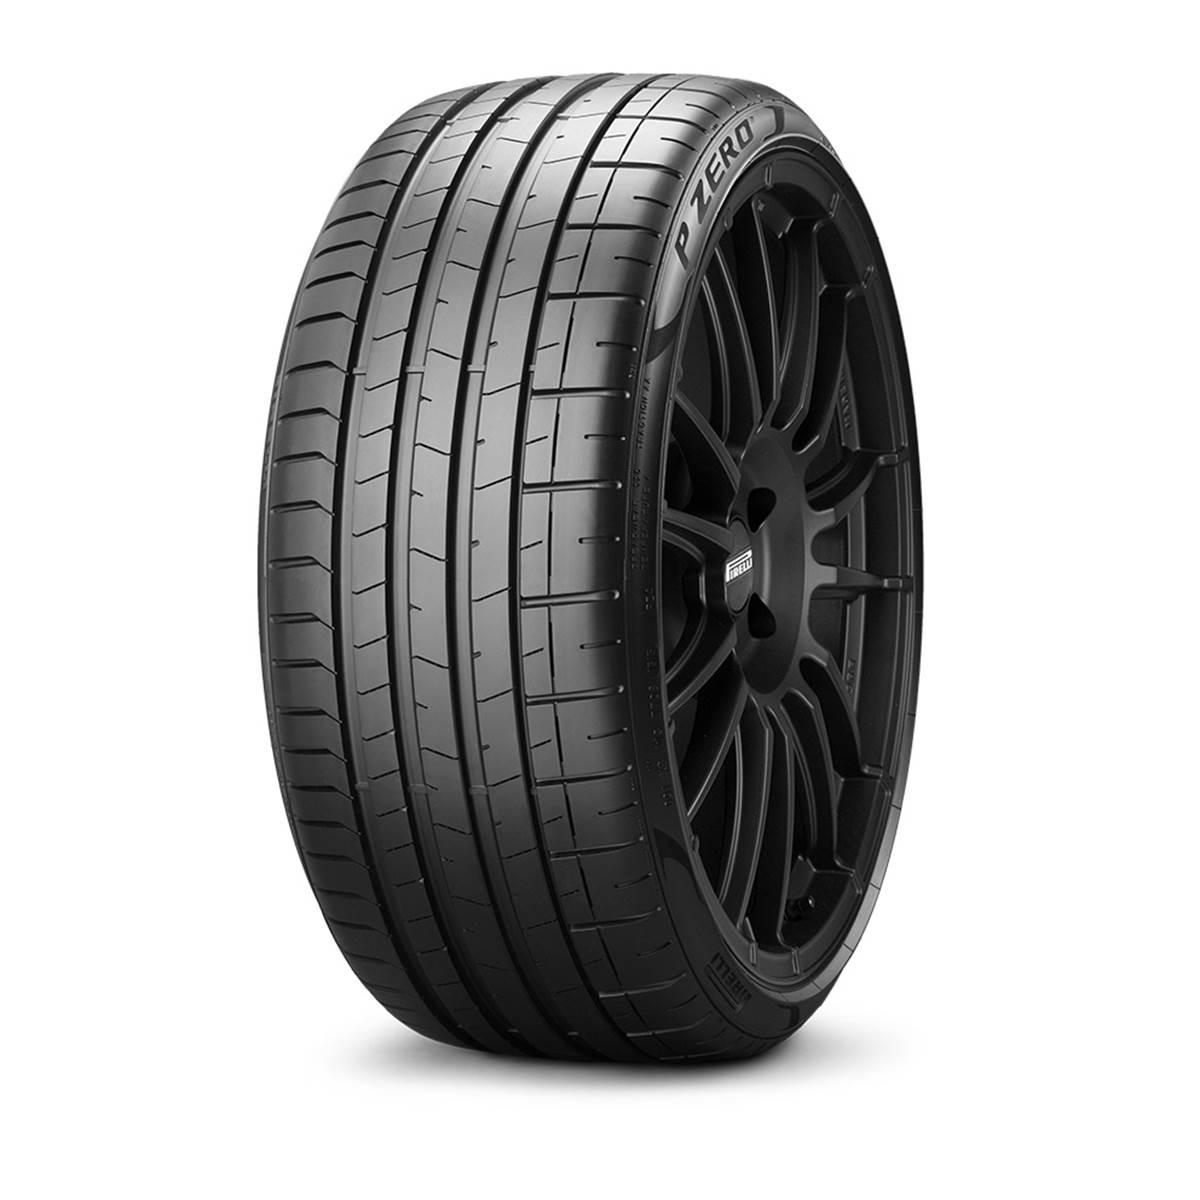 Pneu Pirelli 255/40R20 101Y Pzero XL